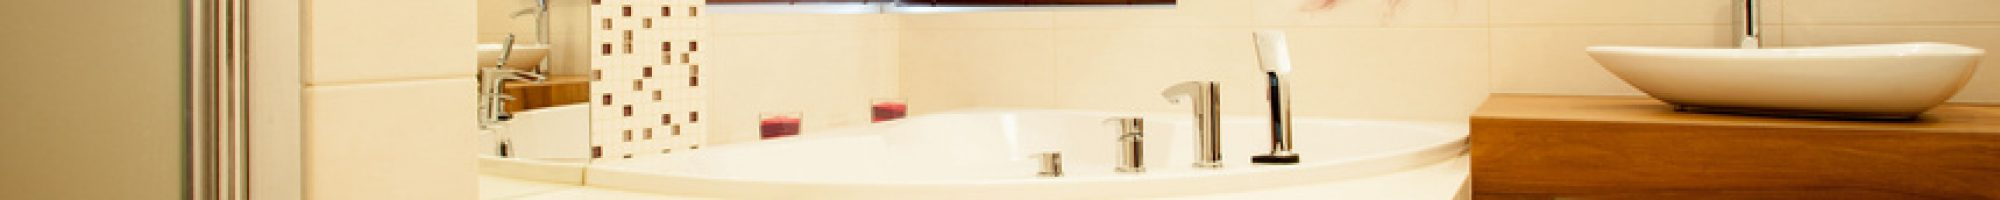 Happacher Sanitär und Heiztechnik